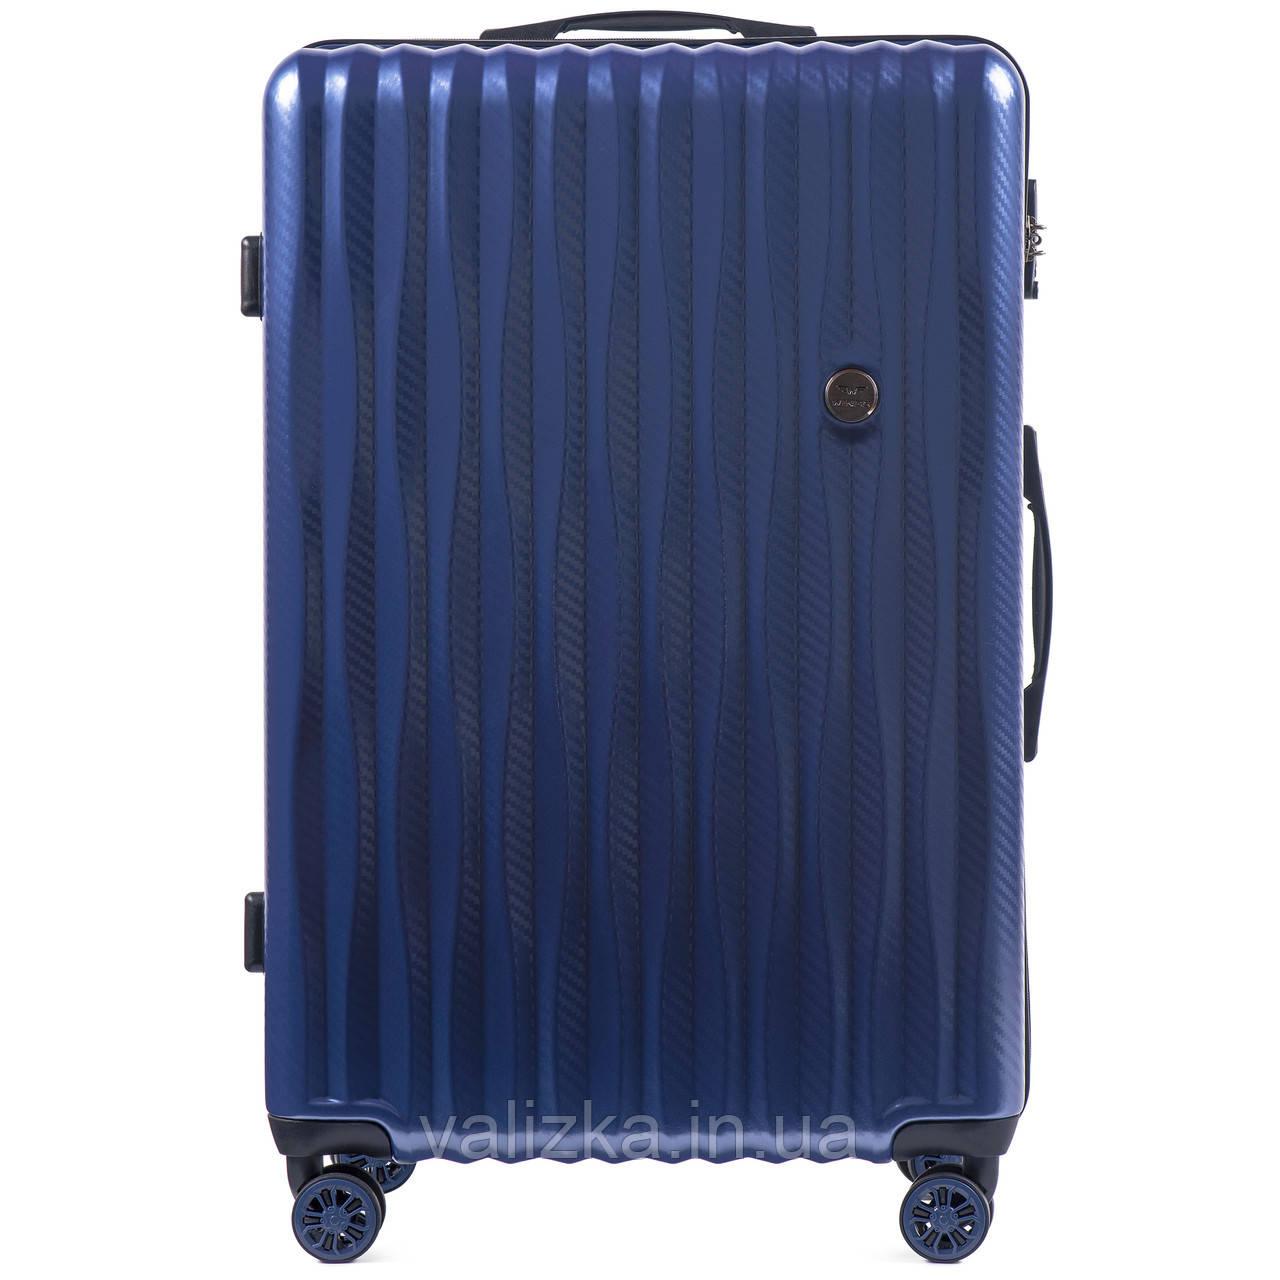 Большой чемодан из поликарбоната премиум серии W-5223 на 4х двойных колесах с ТСА замком синий